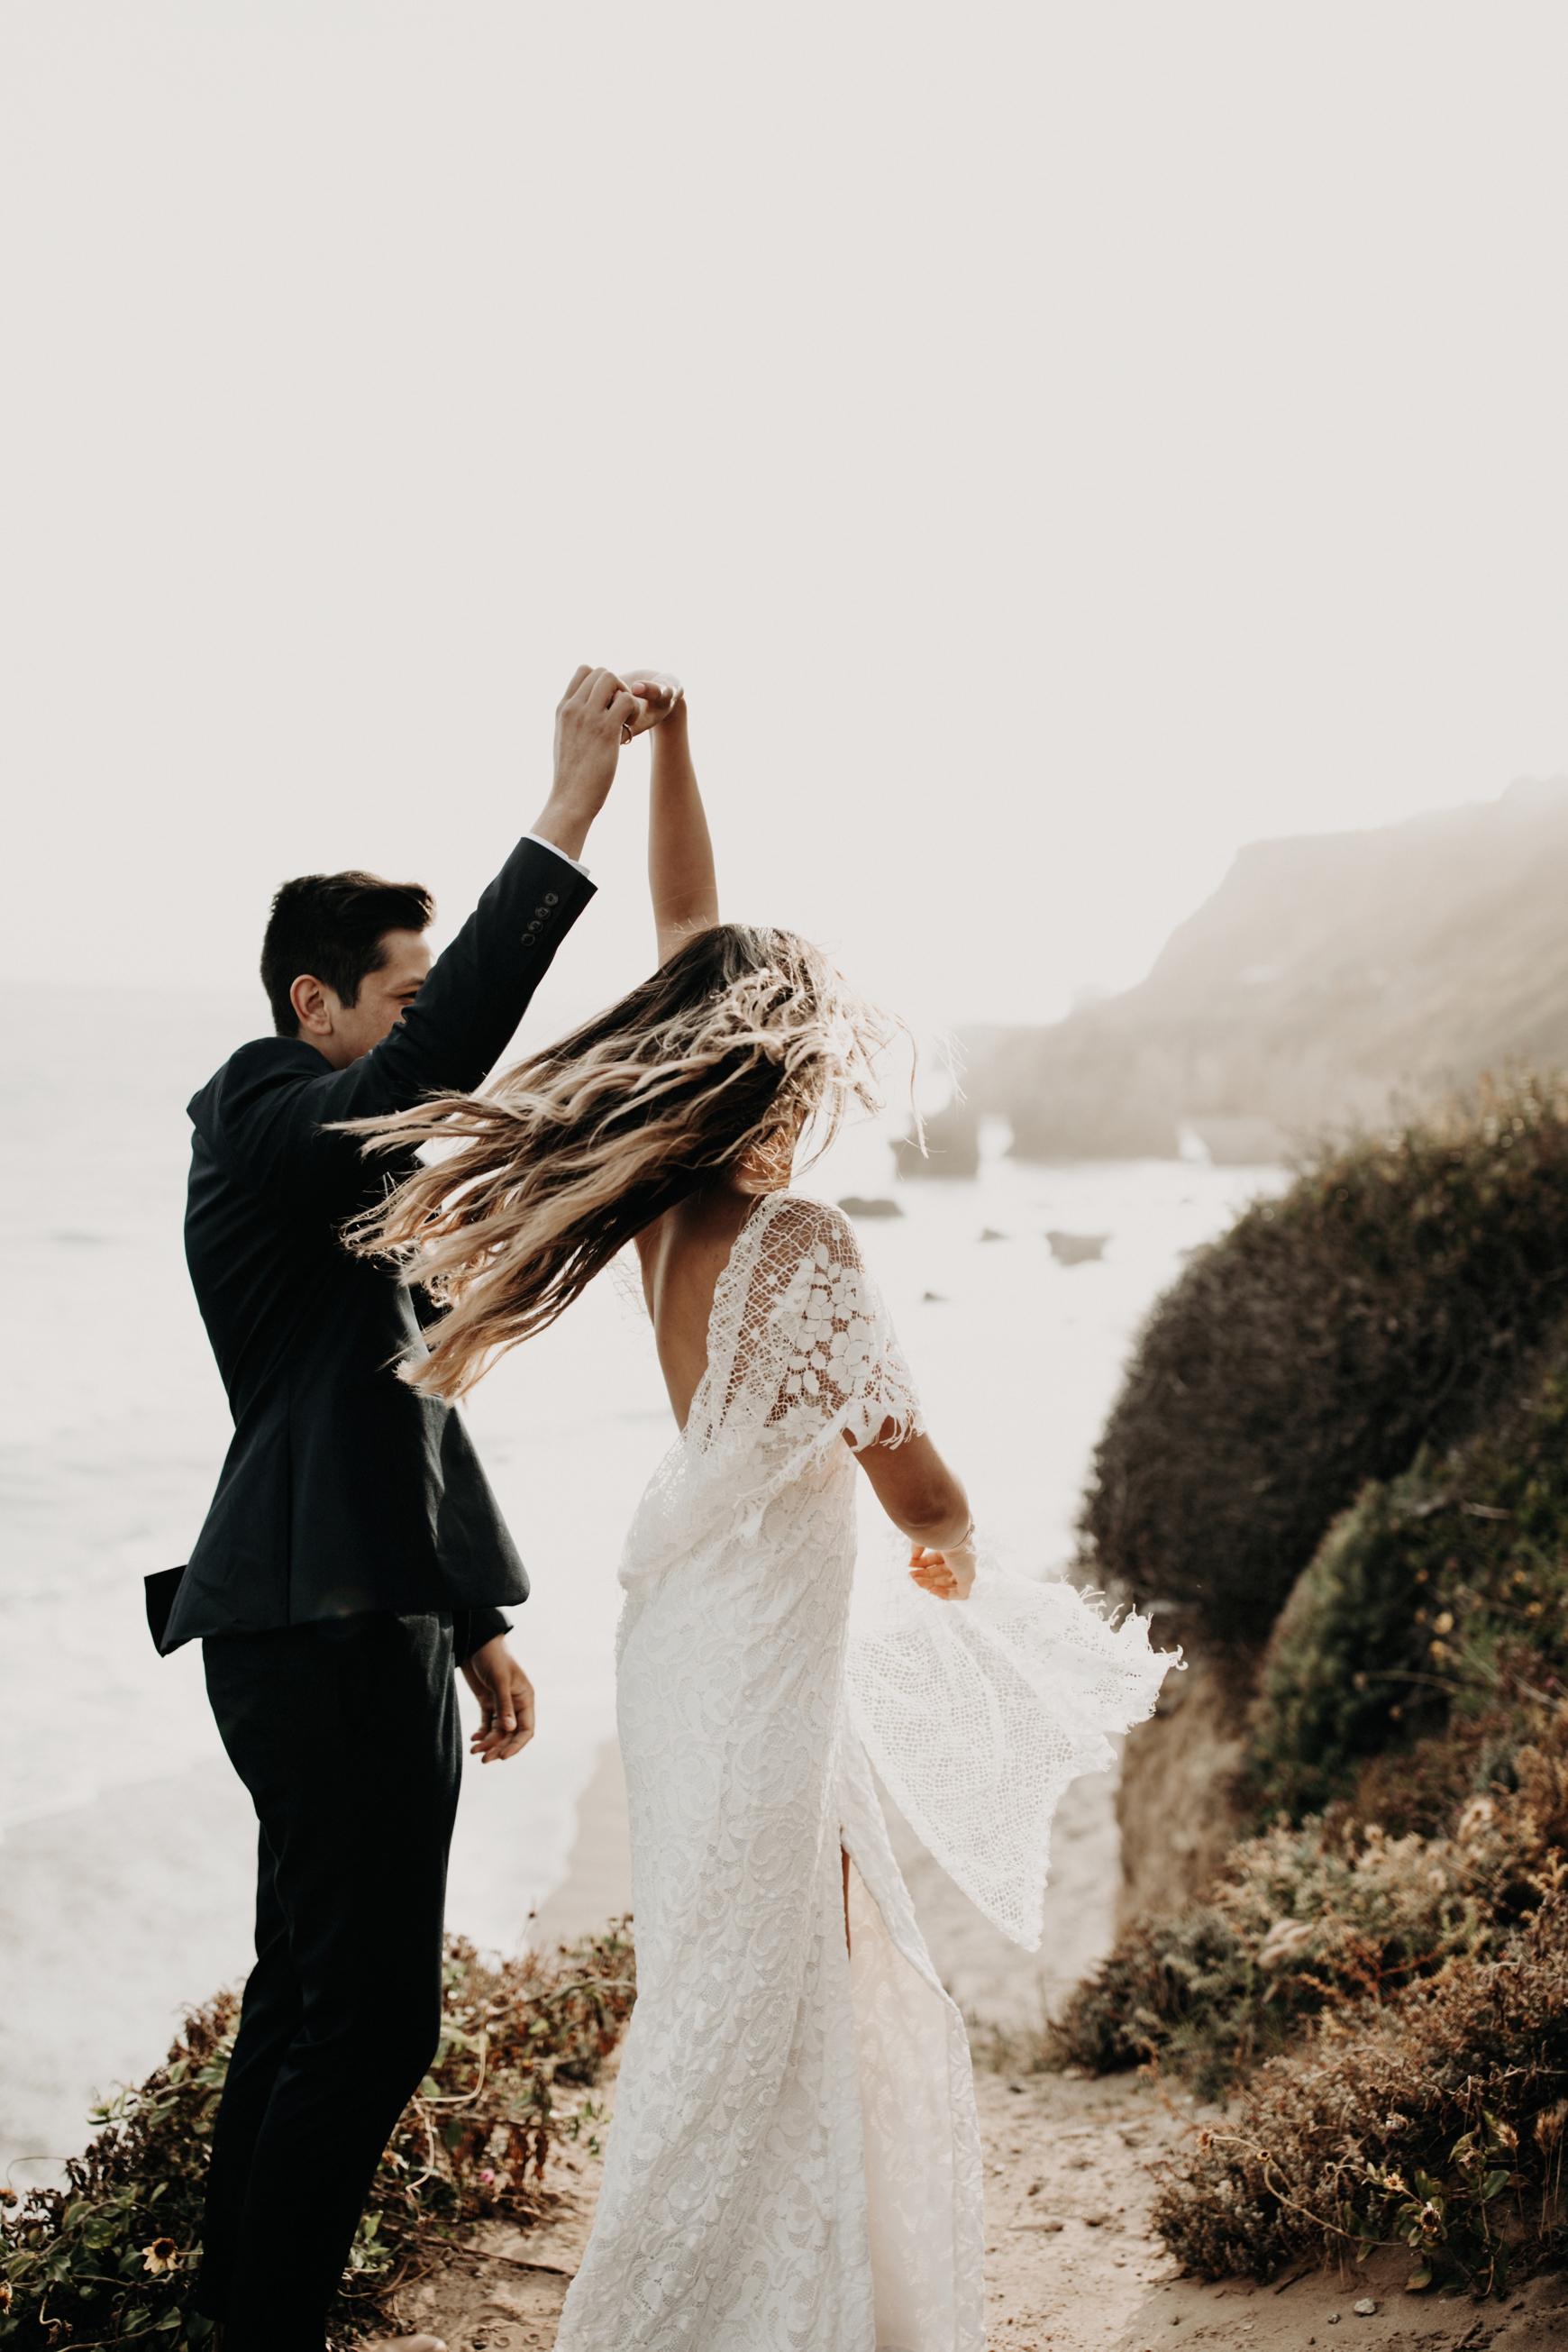 El Matador Beach Bridal Portraits Justellen & TJ Emily Magers Photography-169Emily Magers Photography.jpg